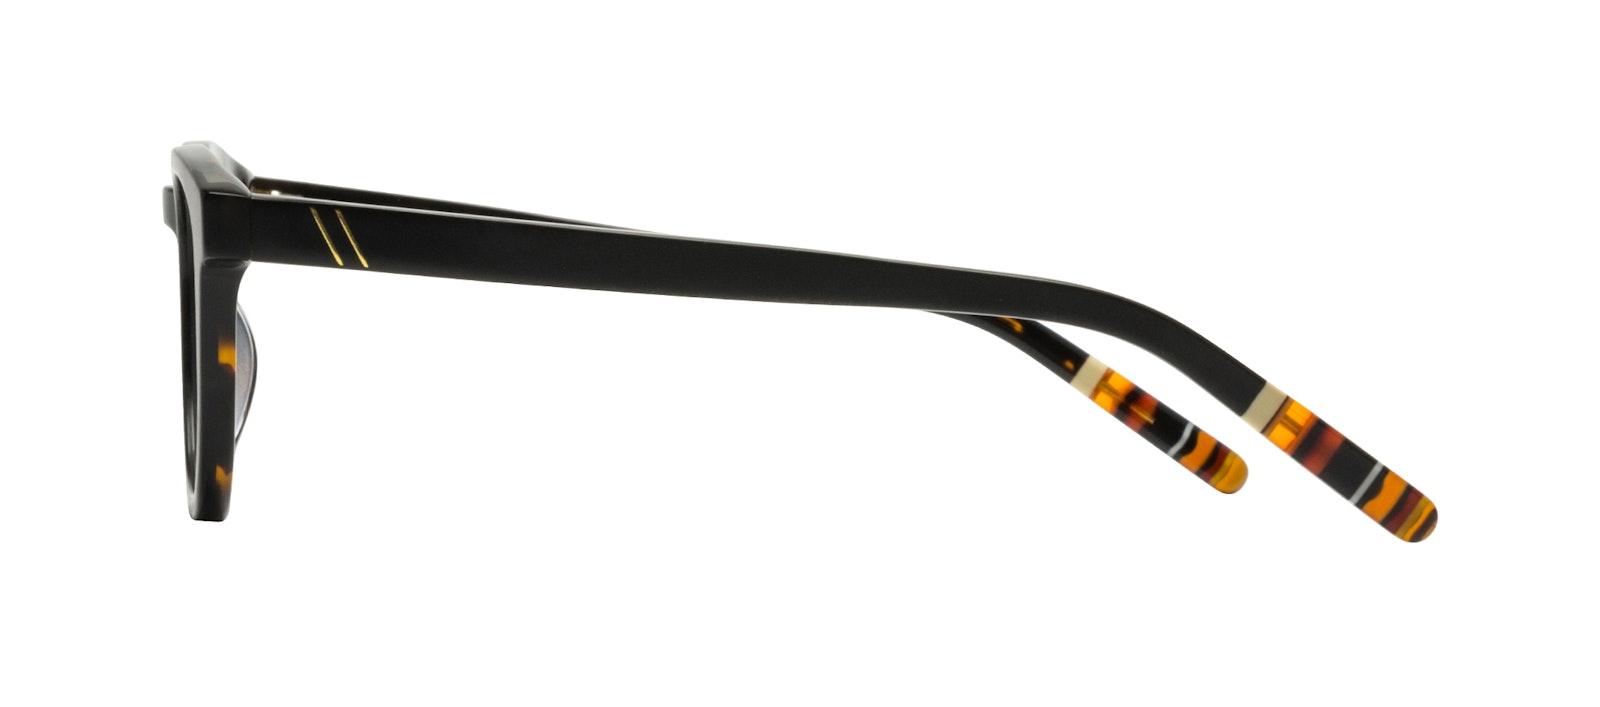 Affordable Fashion Glasses Round Eyeglasses Men Goal Black Tort Side